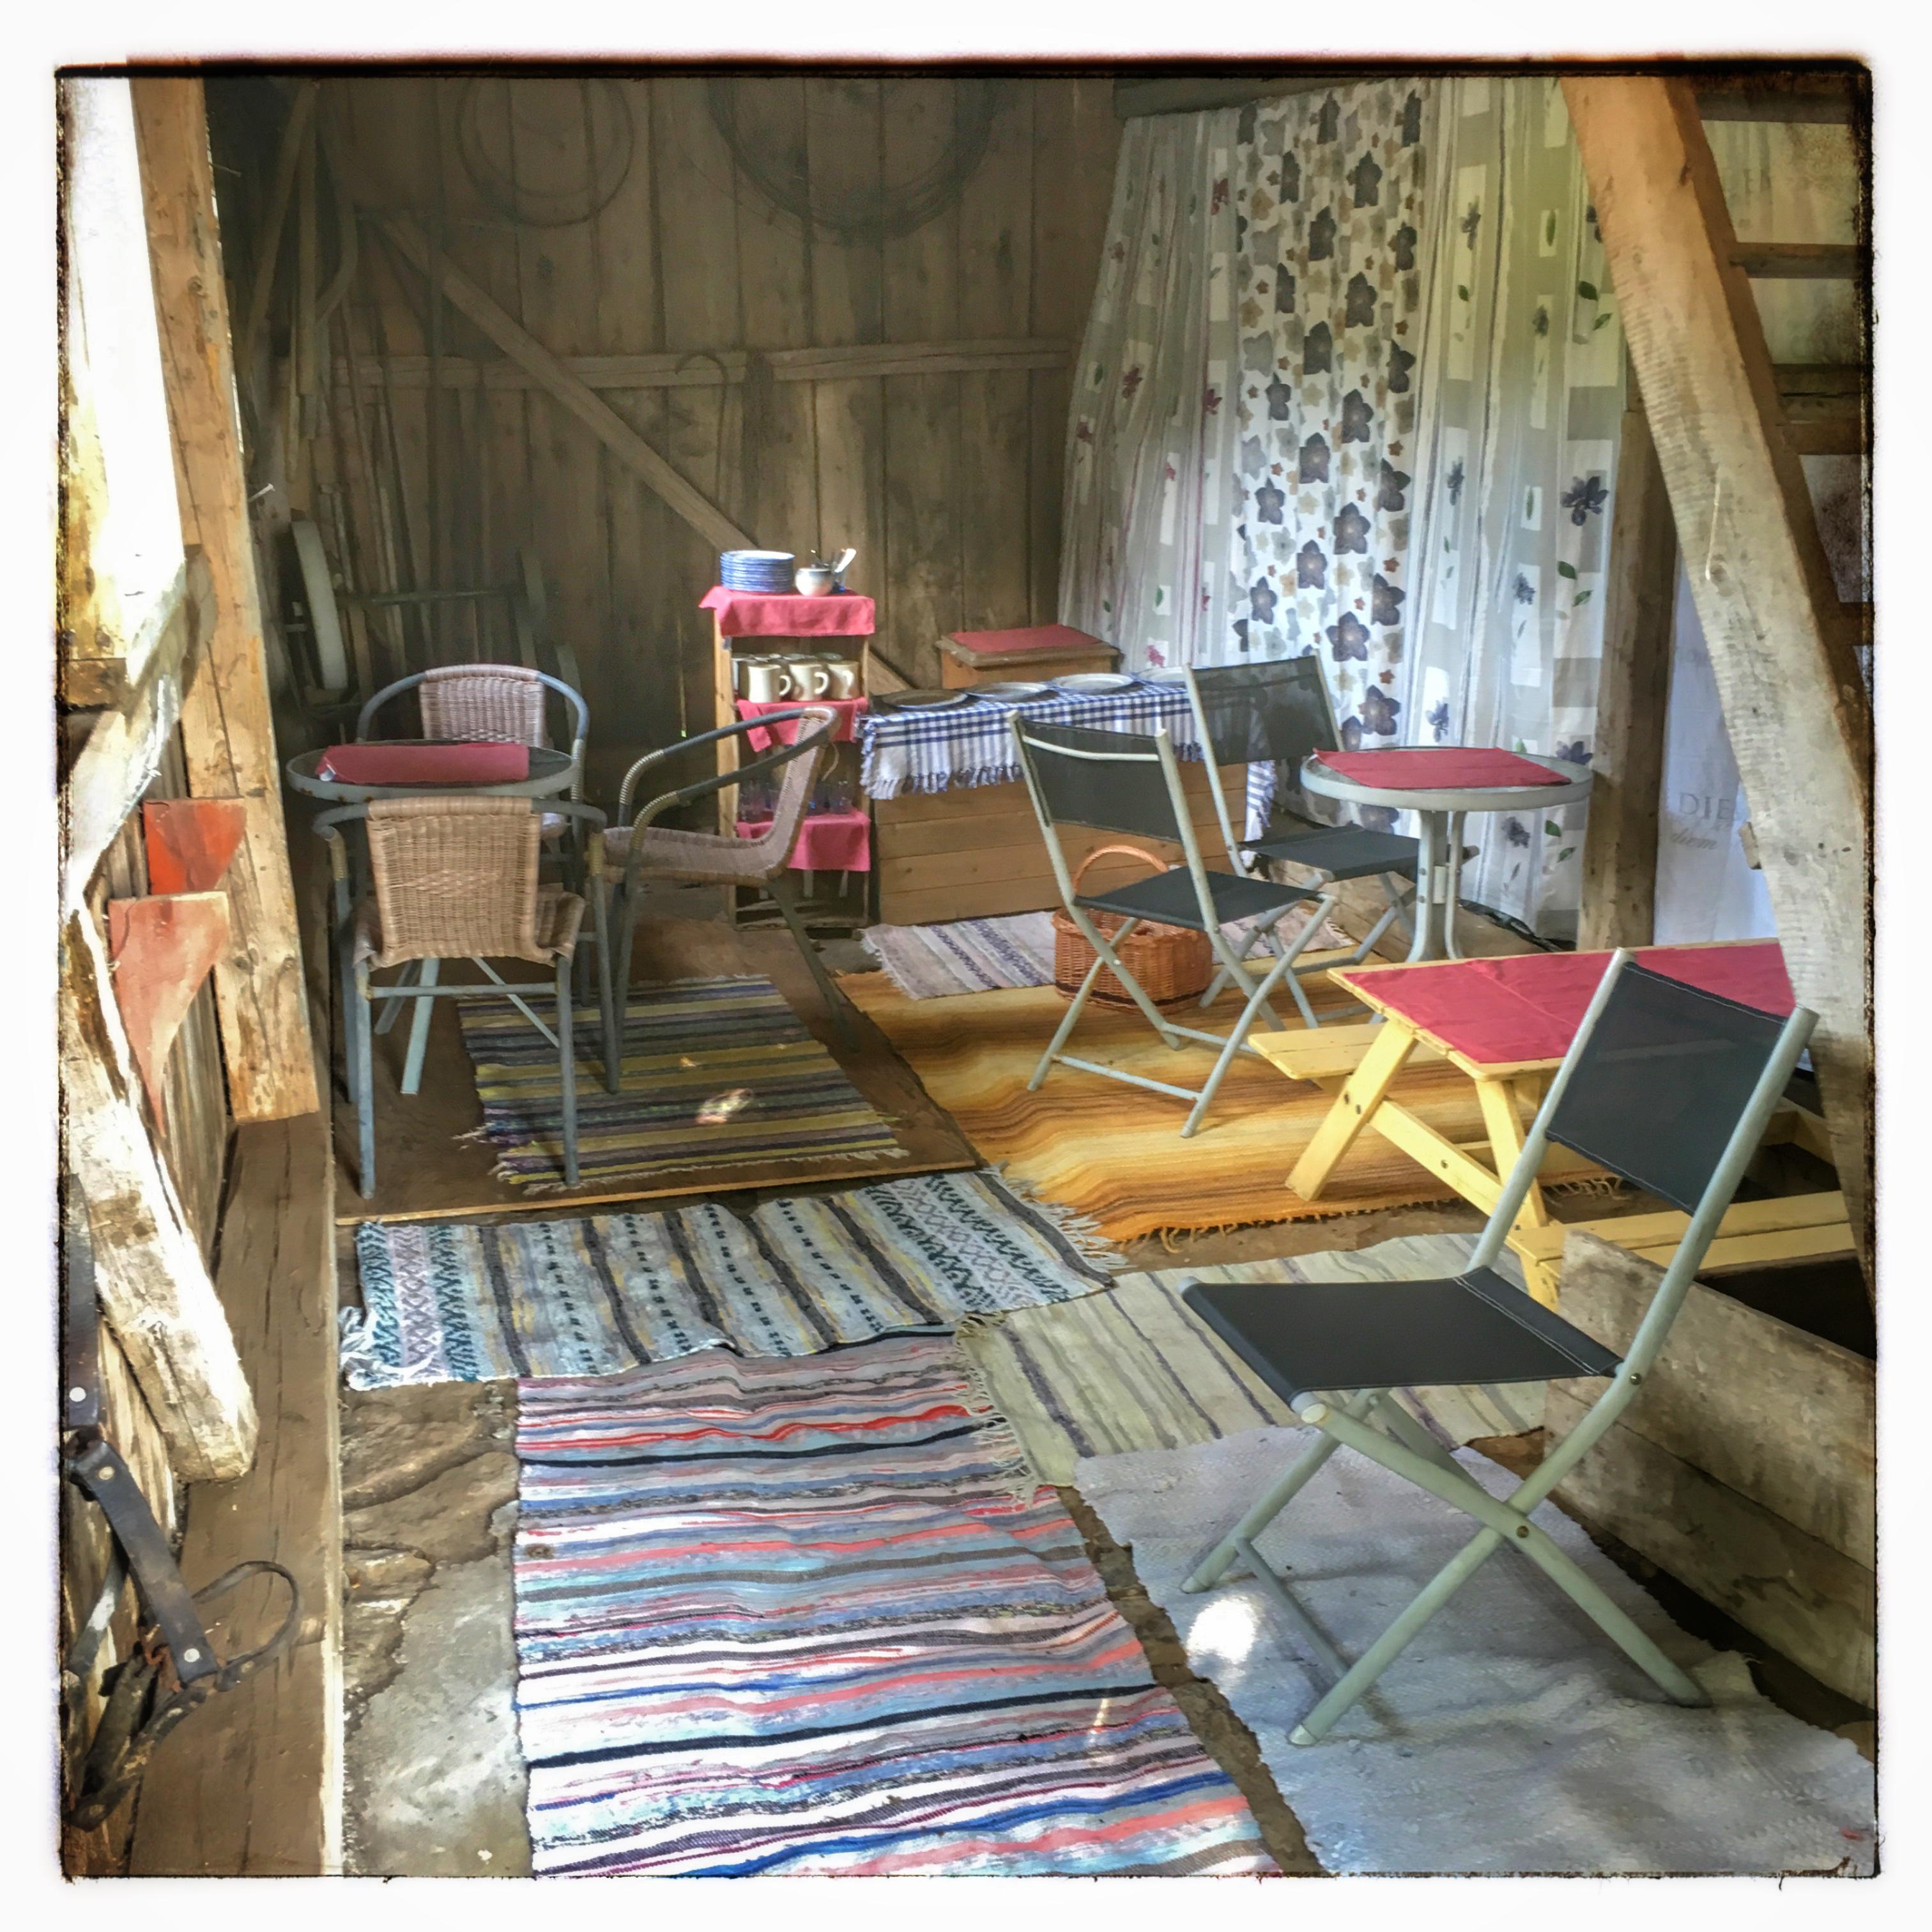 Öppet hus i Sundhult - Premiär för Cafe D